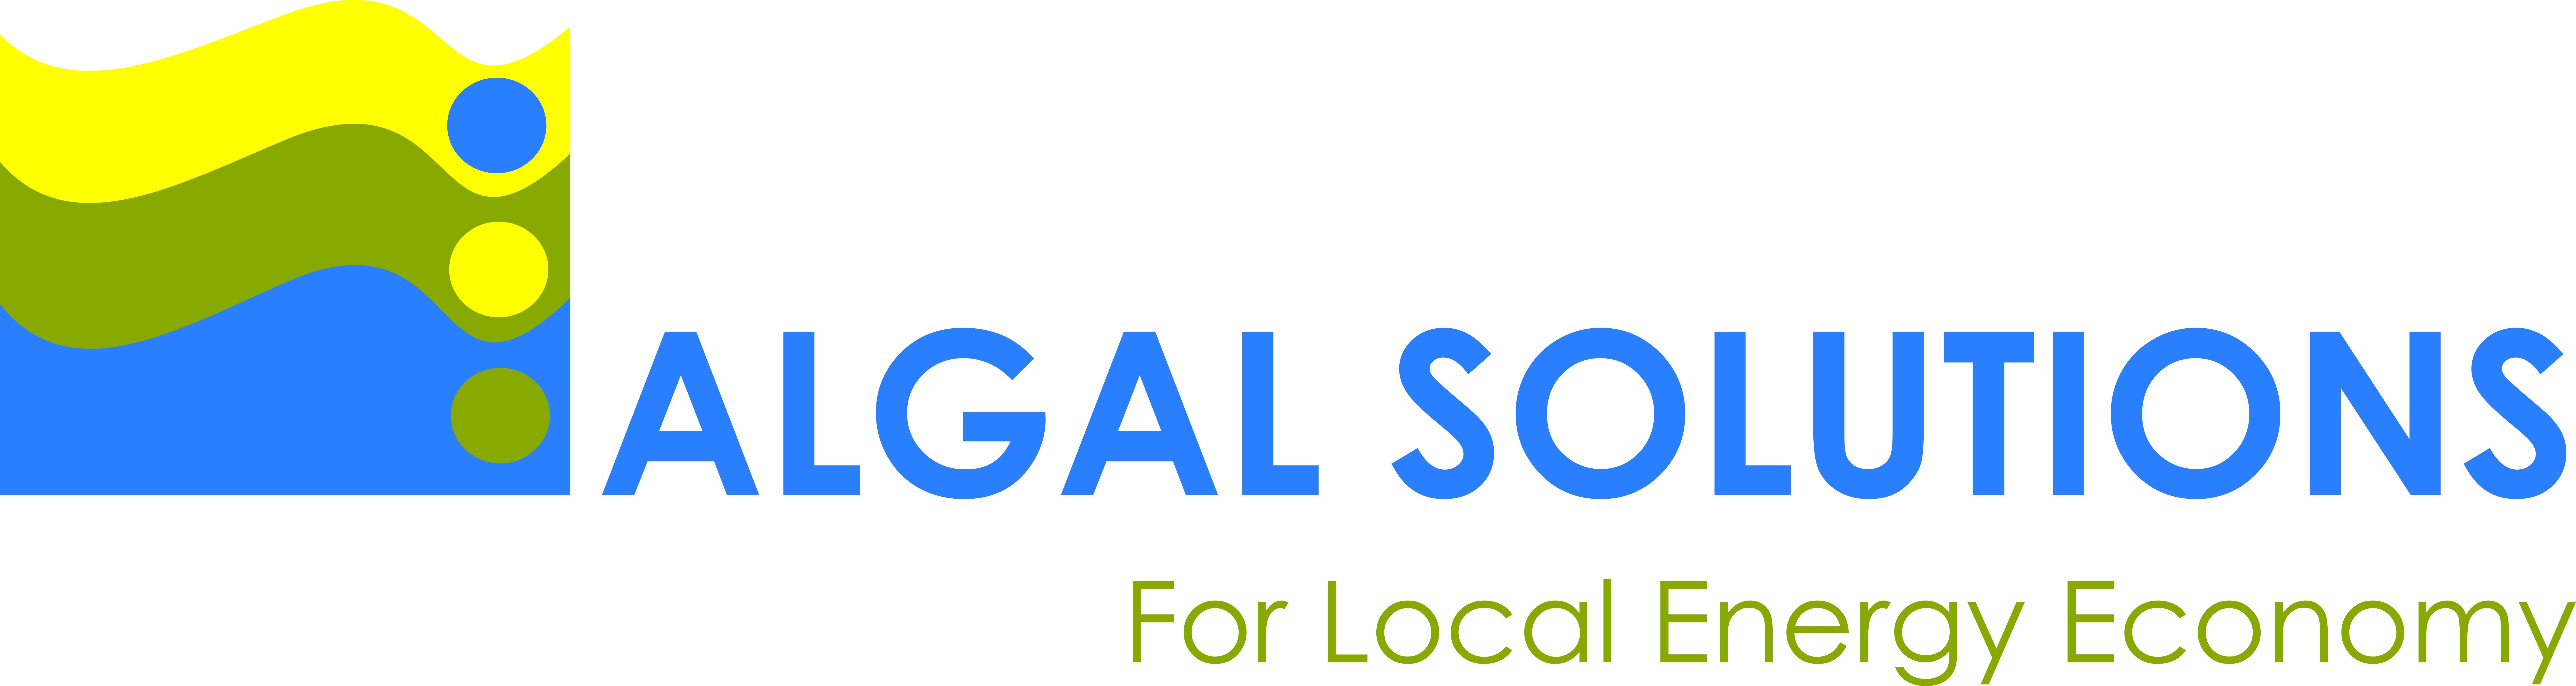 ASLEE Logo For Website